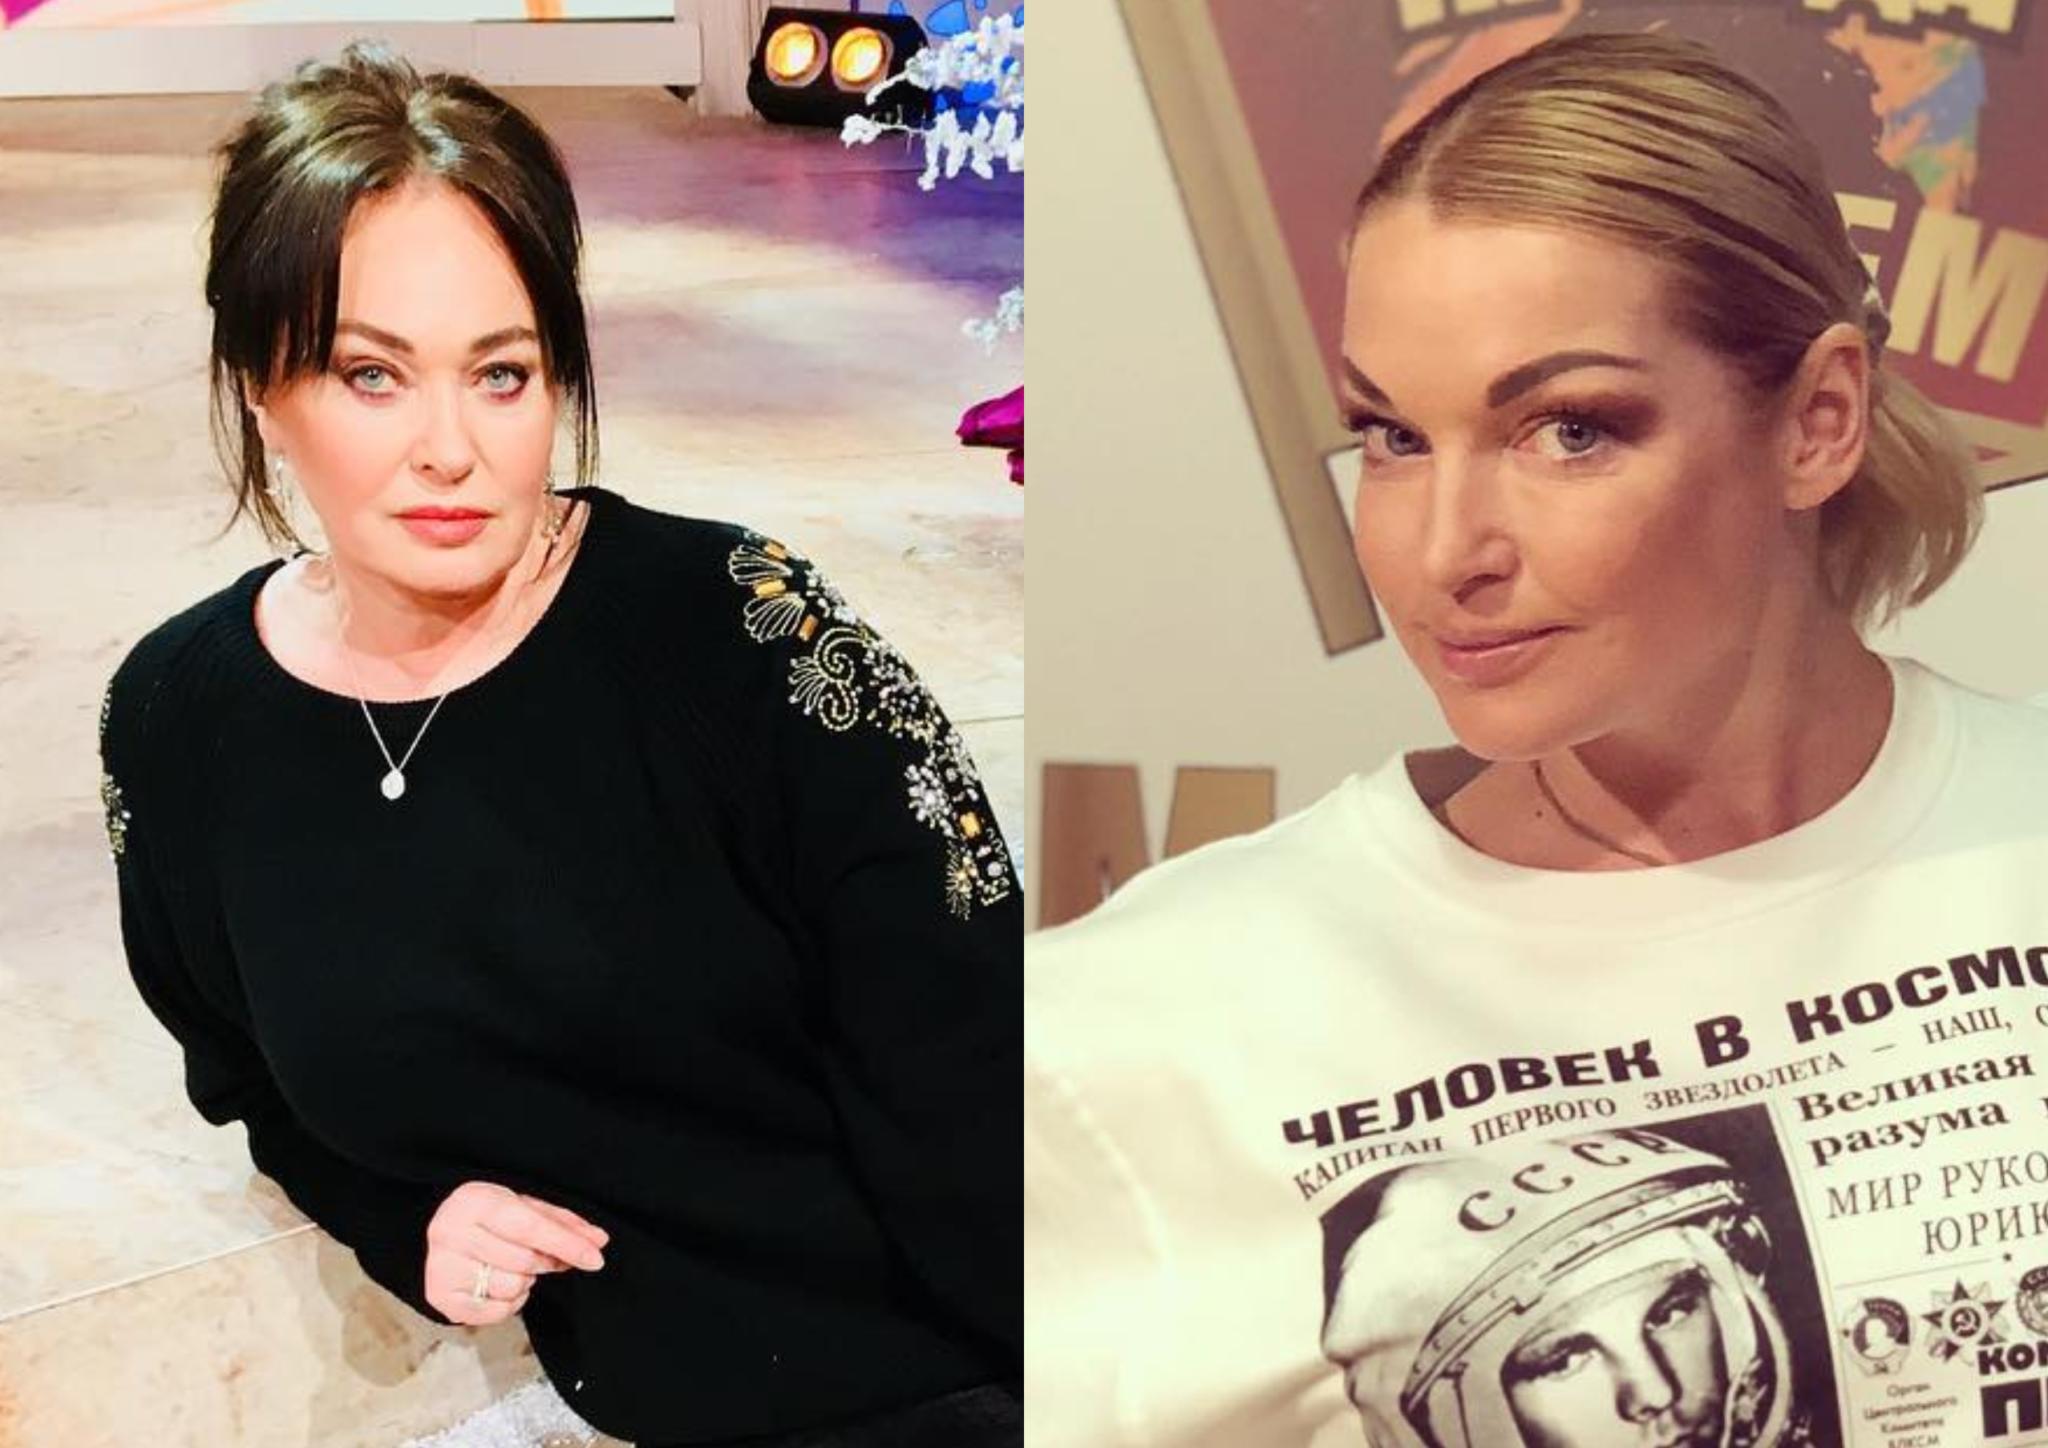 Лариса Гузеева раскритиковала откровенный наряд Анастасии Волочковой